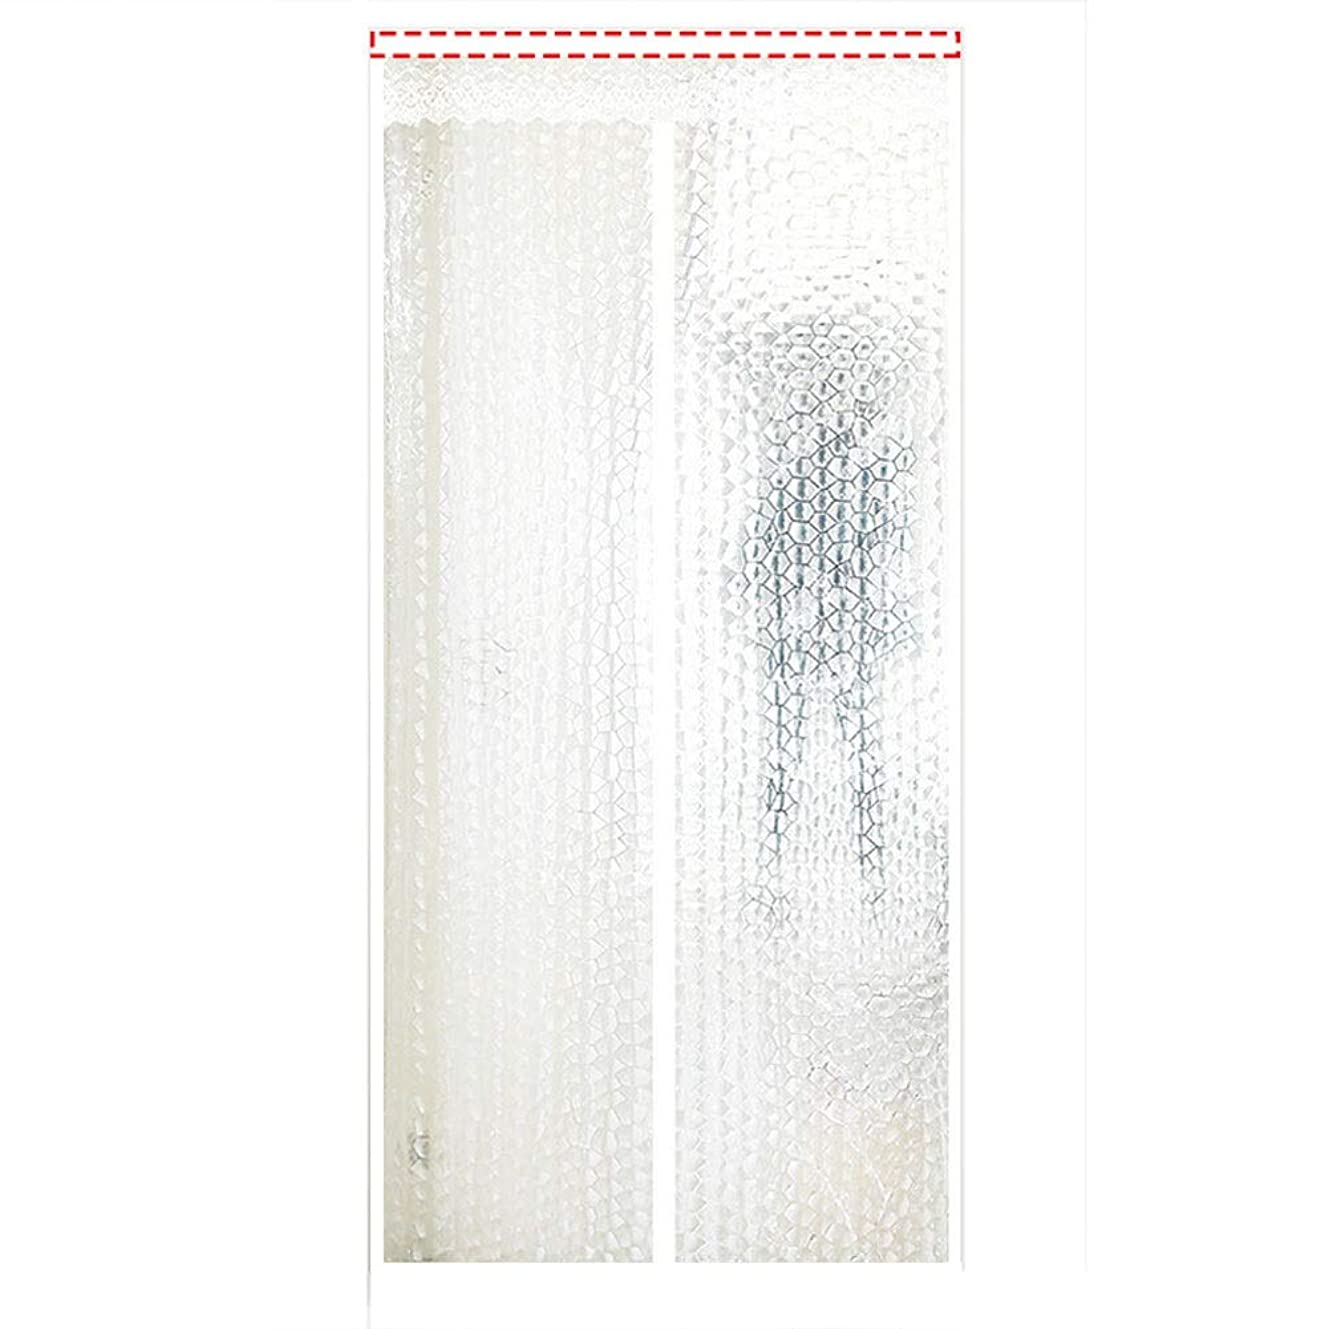 葉っぱ窓を洗う病弱フライスクリーンドア 防虫ドアエアコン気密ドアカーテン防蚊分離ヒューム保温?防風簡単設置隙間なし JFIEHG (色 : G, サイズ : 170x220)